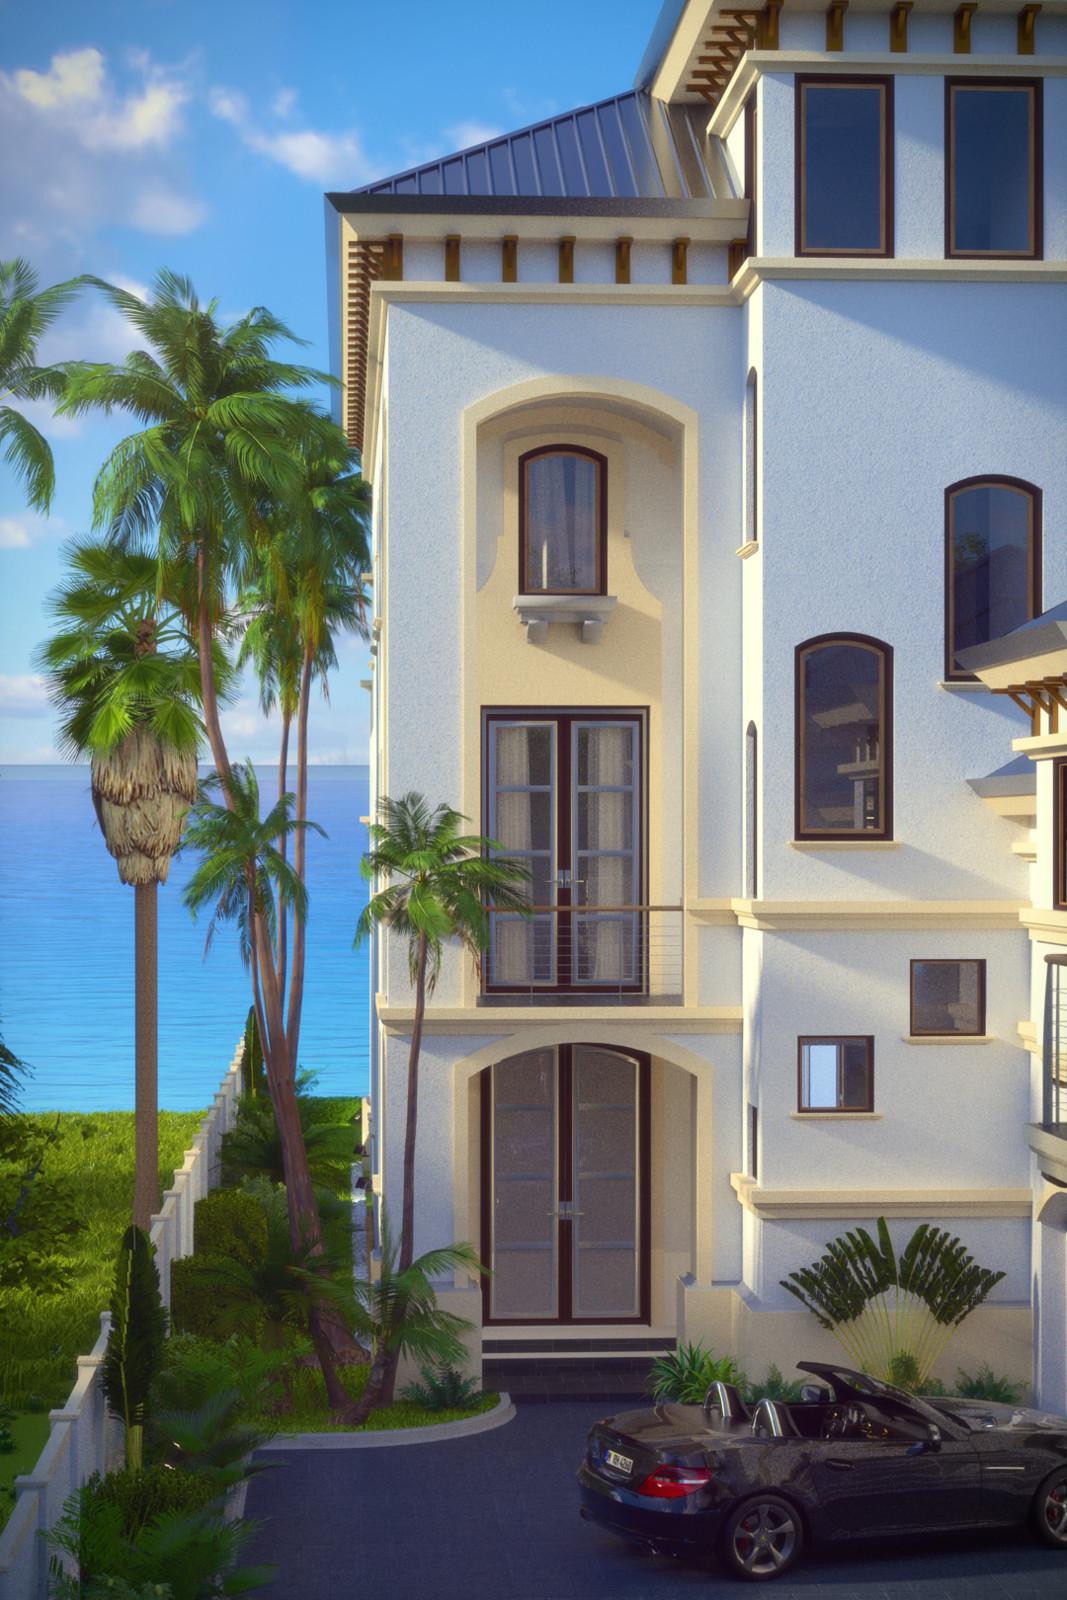 SketchUp + Thea Render  Seagrove Beach House: Front Entrance Vertical 2pt A Lumina Corn 1080 × 1620 Presto MC Bucket